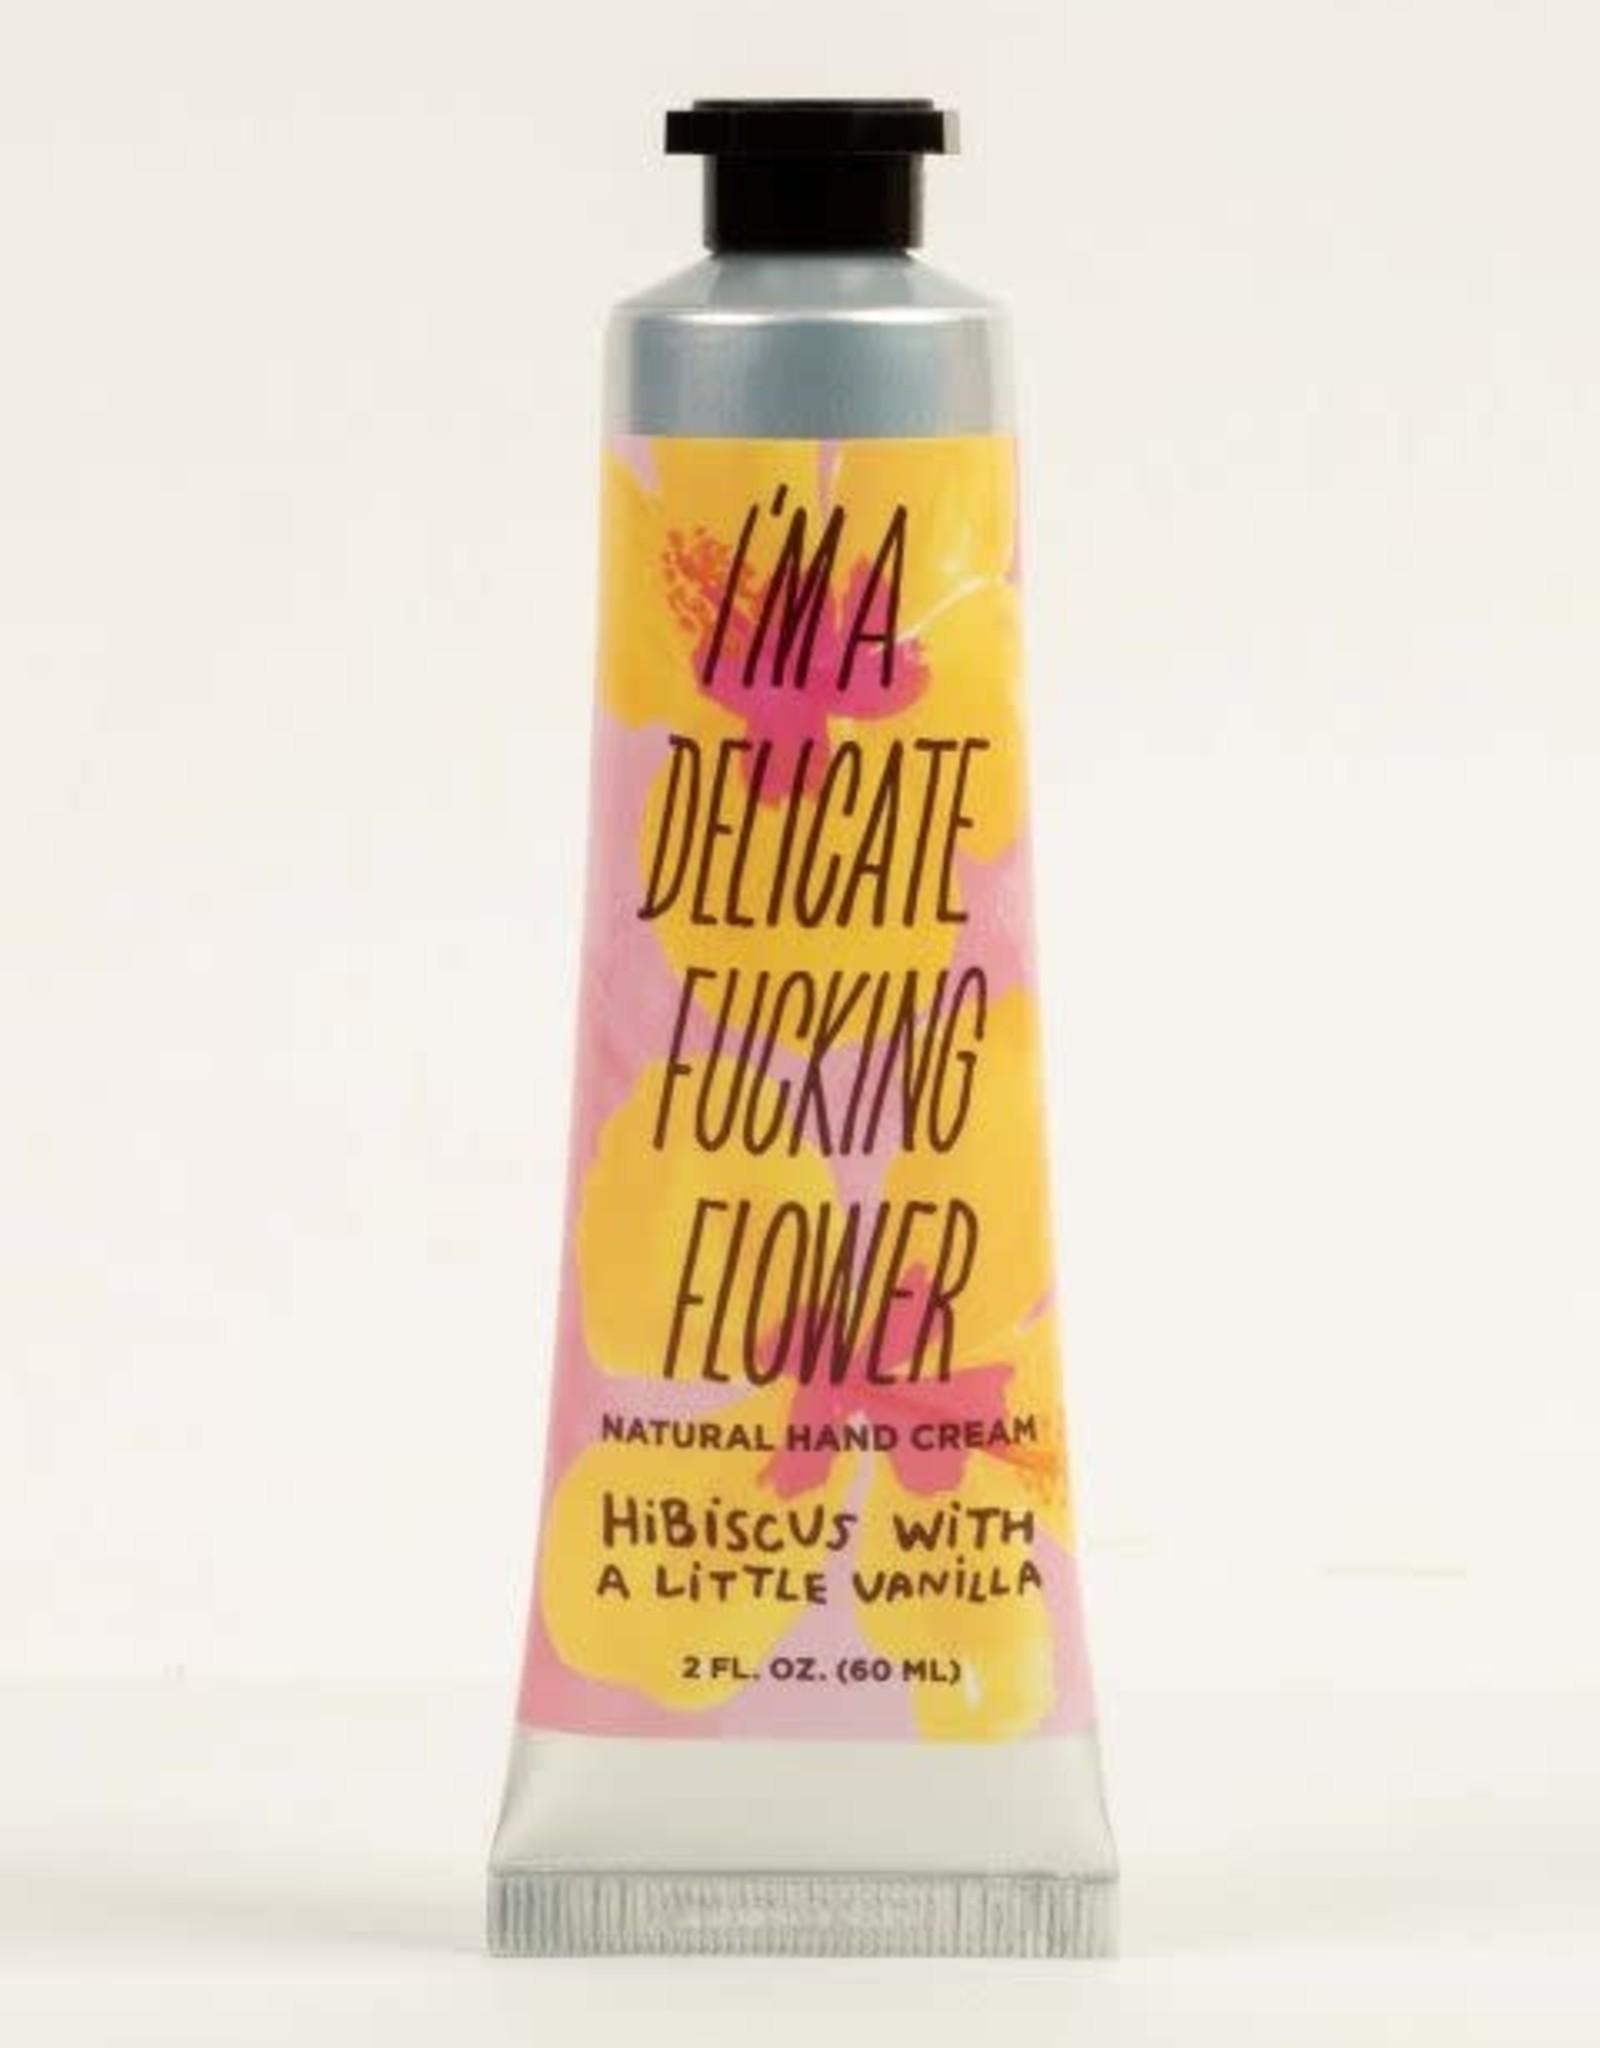 Fucking Flower Hibiscus Hand Cream